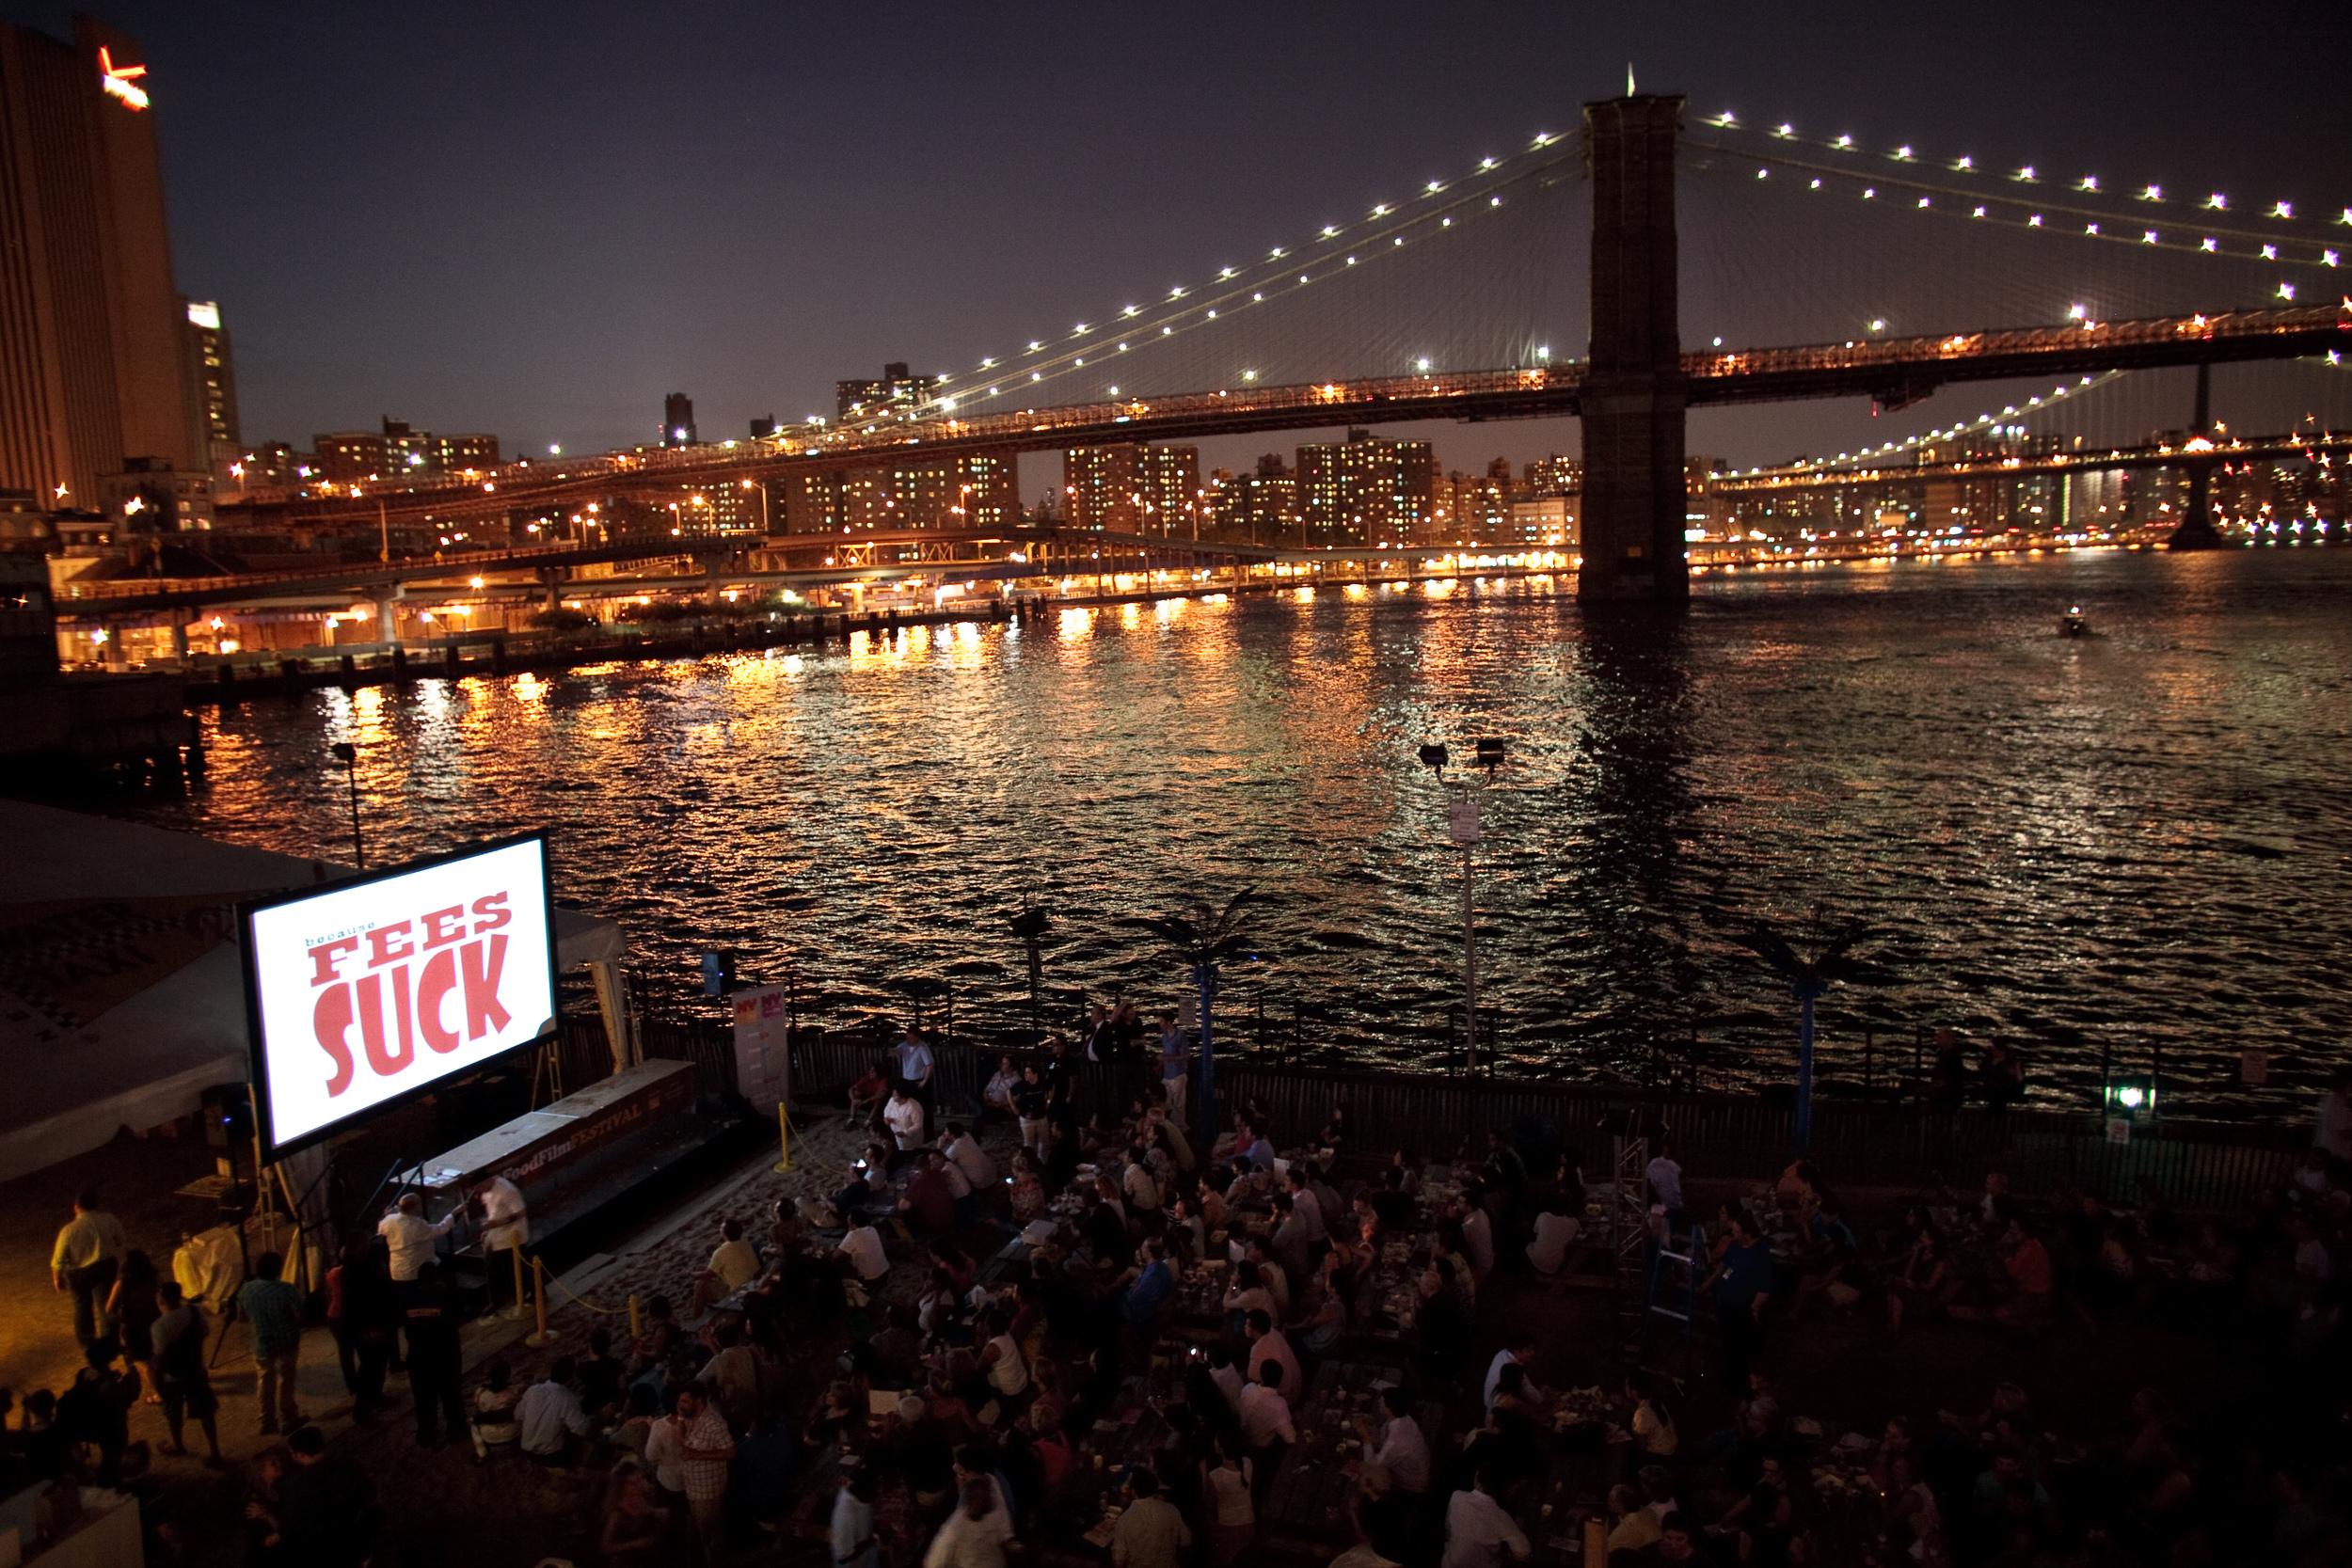 2010-nyc-food-film-festival_4907617792_o.jpg